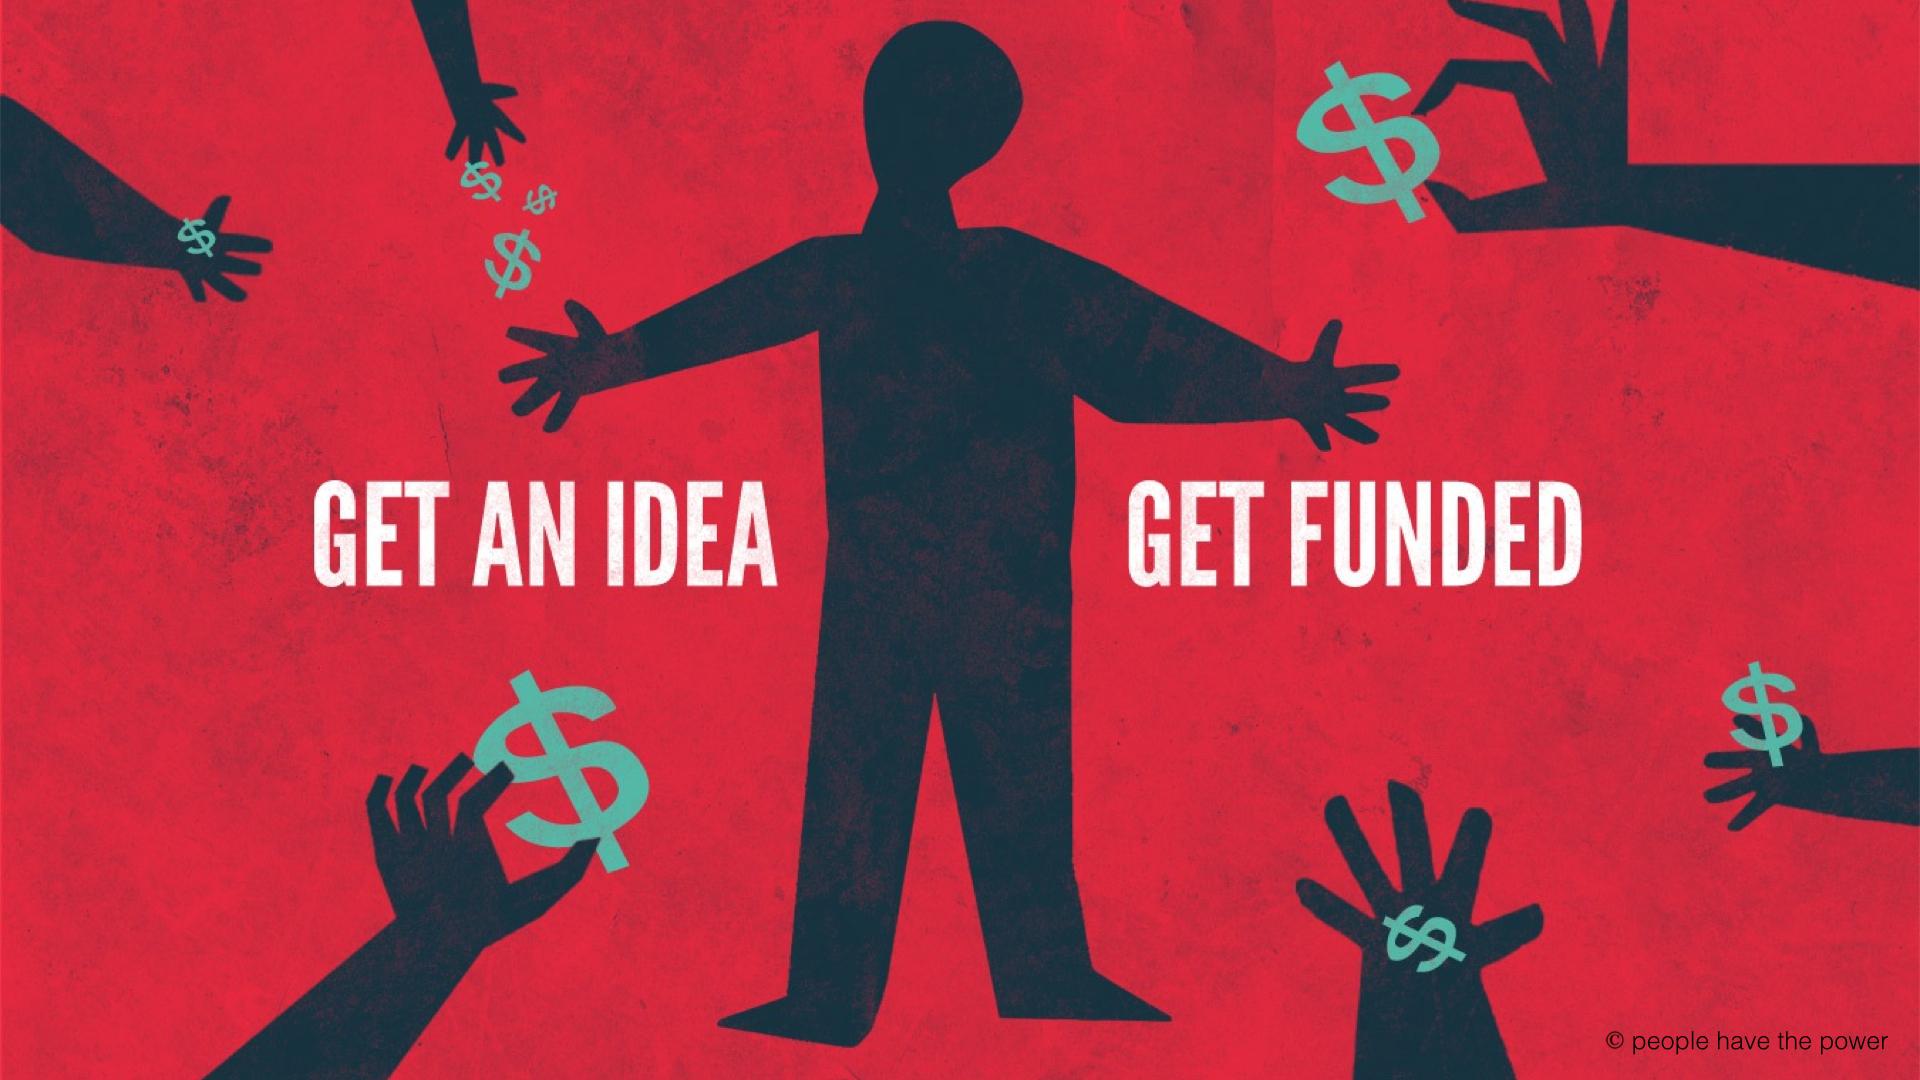 Les 5 raisons de lancer une campagne d'equity crowdfunding